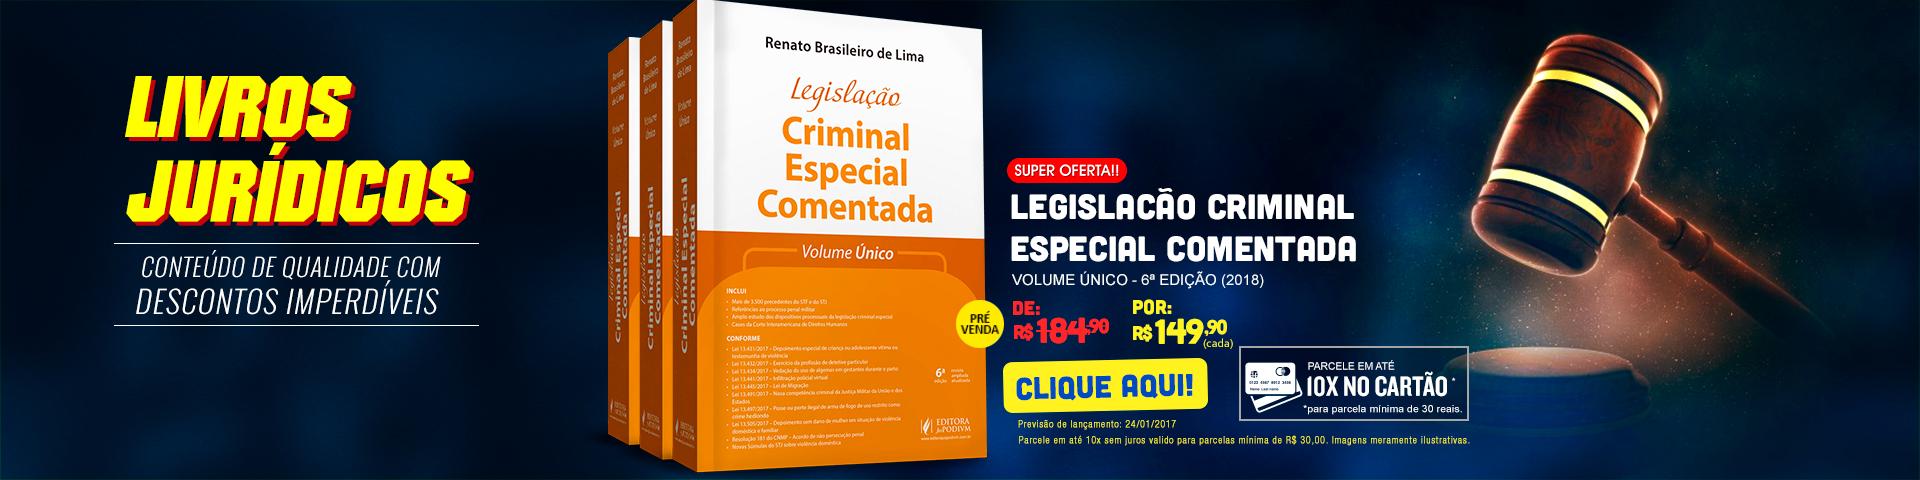 Livros Jurídicos - Legislação Criminal Especial Comentada